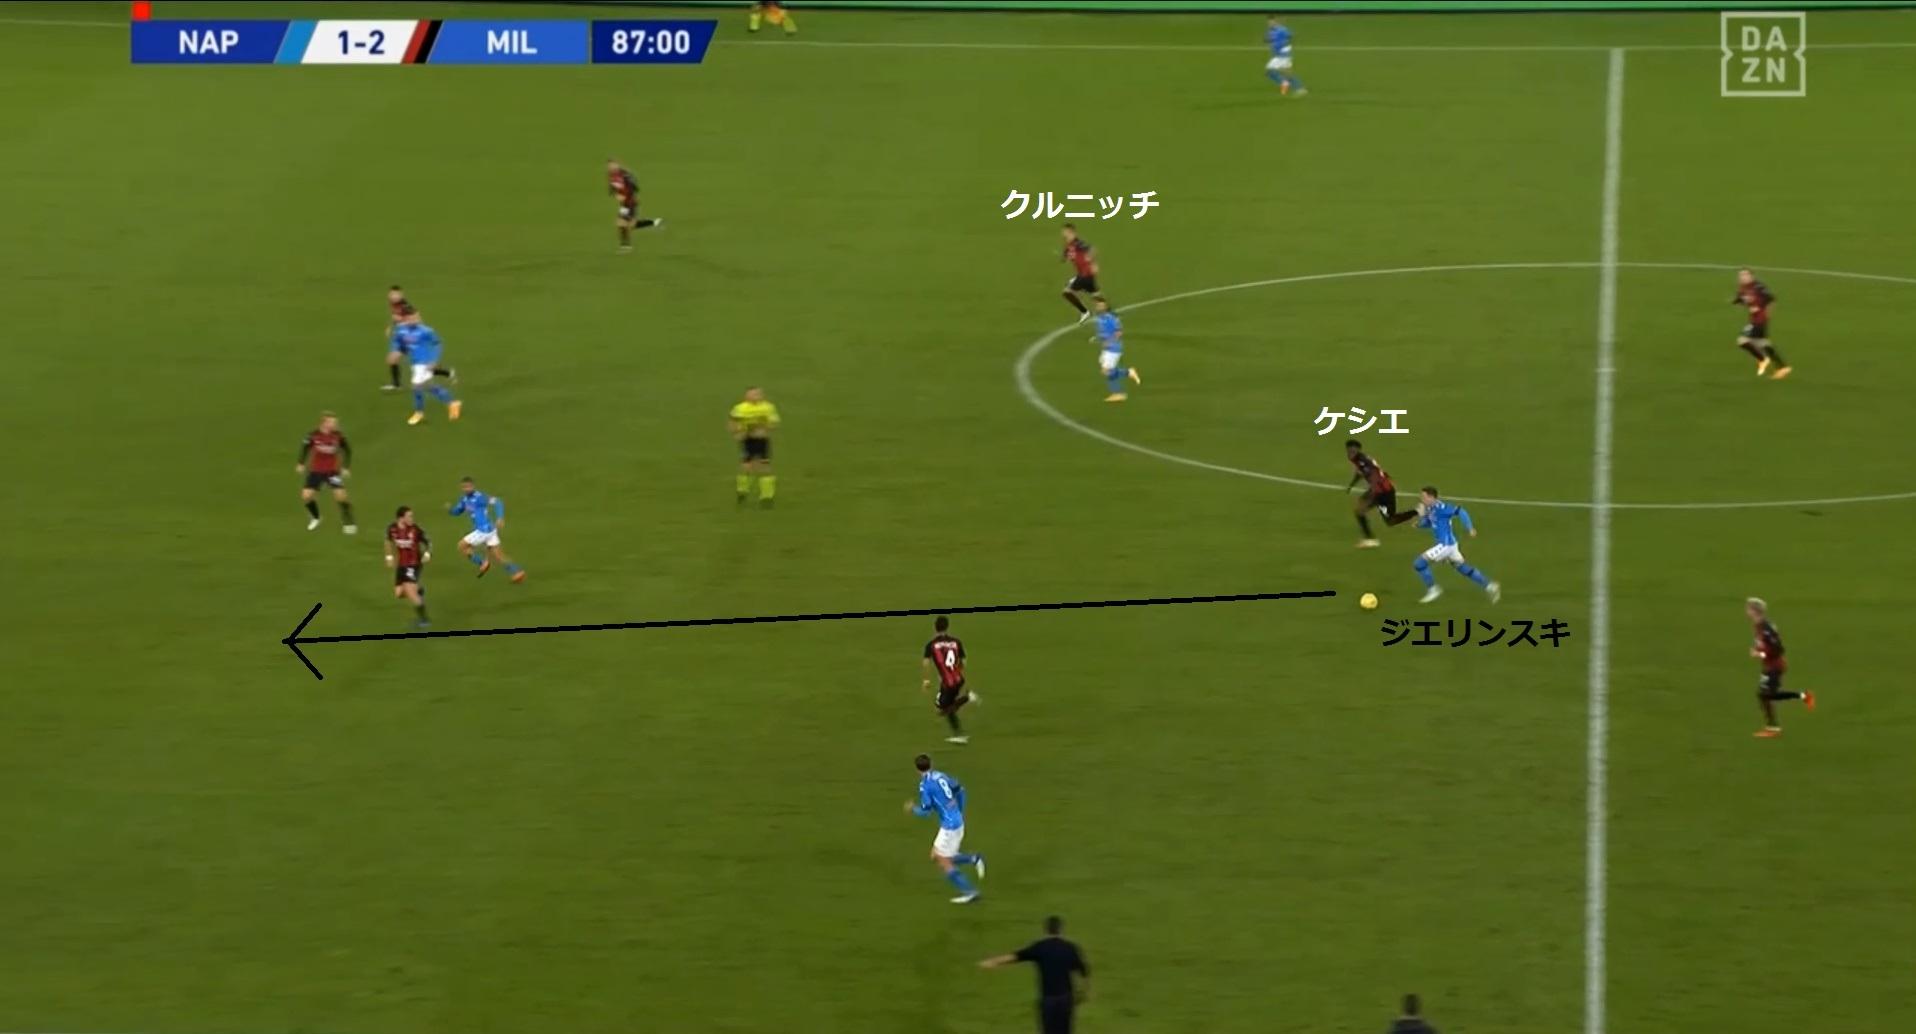 【20-21】ナポリ対ミラン_戦術分析24